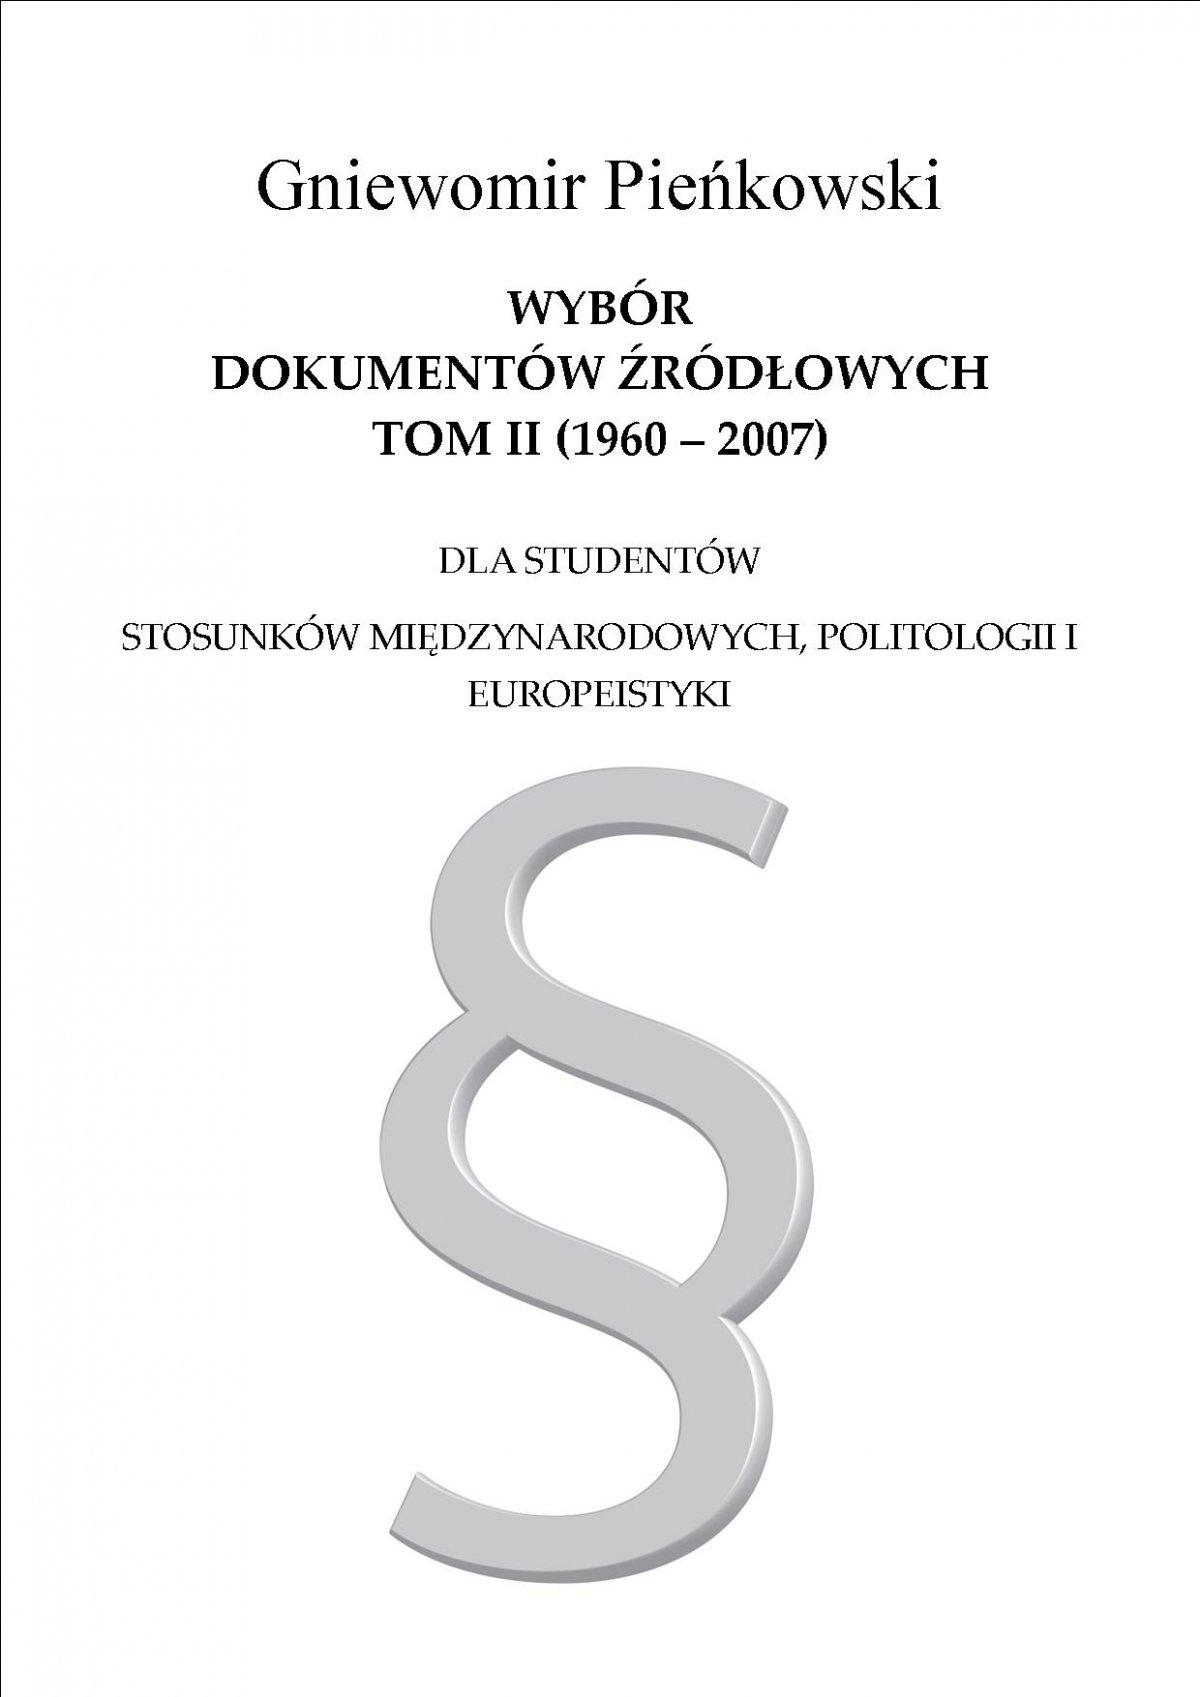 Wybór dokumentów źródłowych dla studentów stosunków międzynarodowych, politologii i europeistyki. Tom II: 1960-2007 - Ebook (Książka PDF) do pobrania w formacie PDF